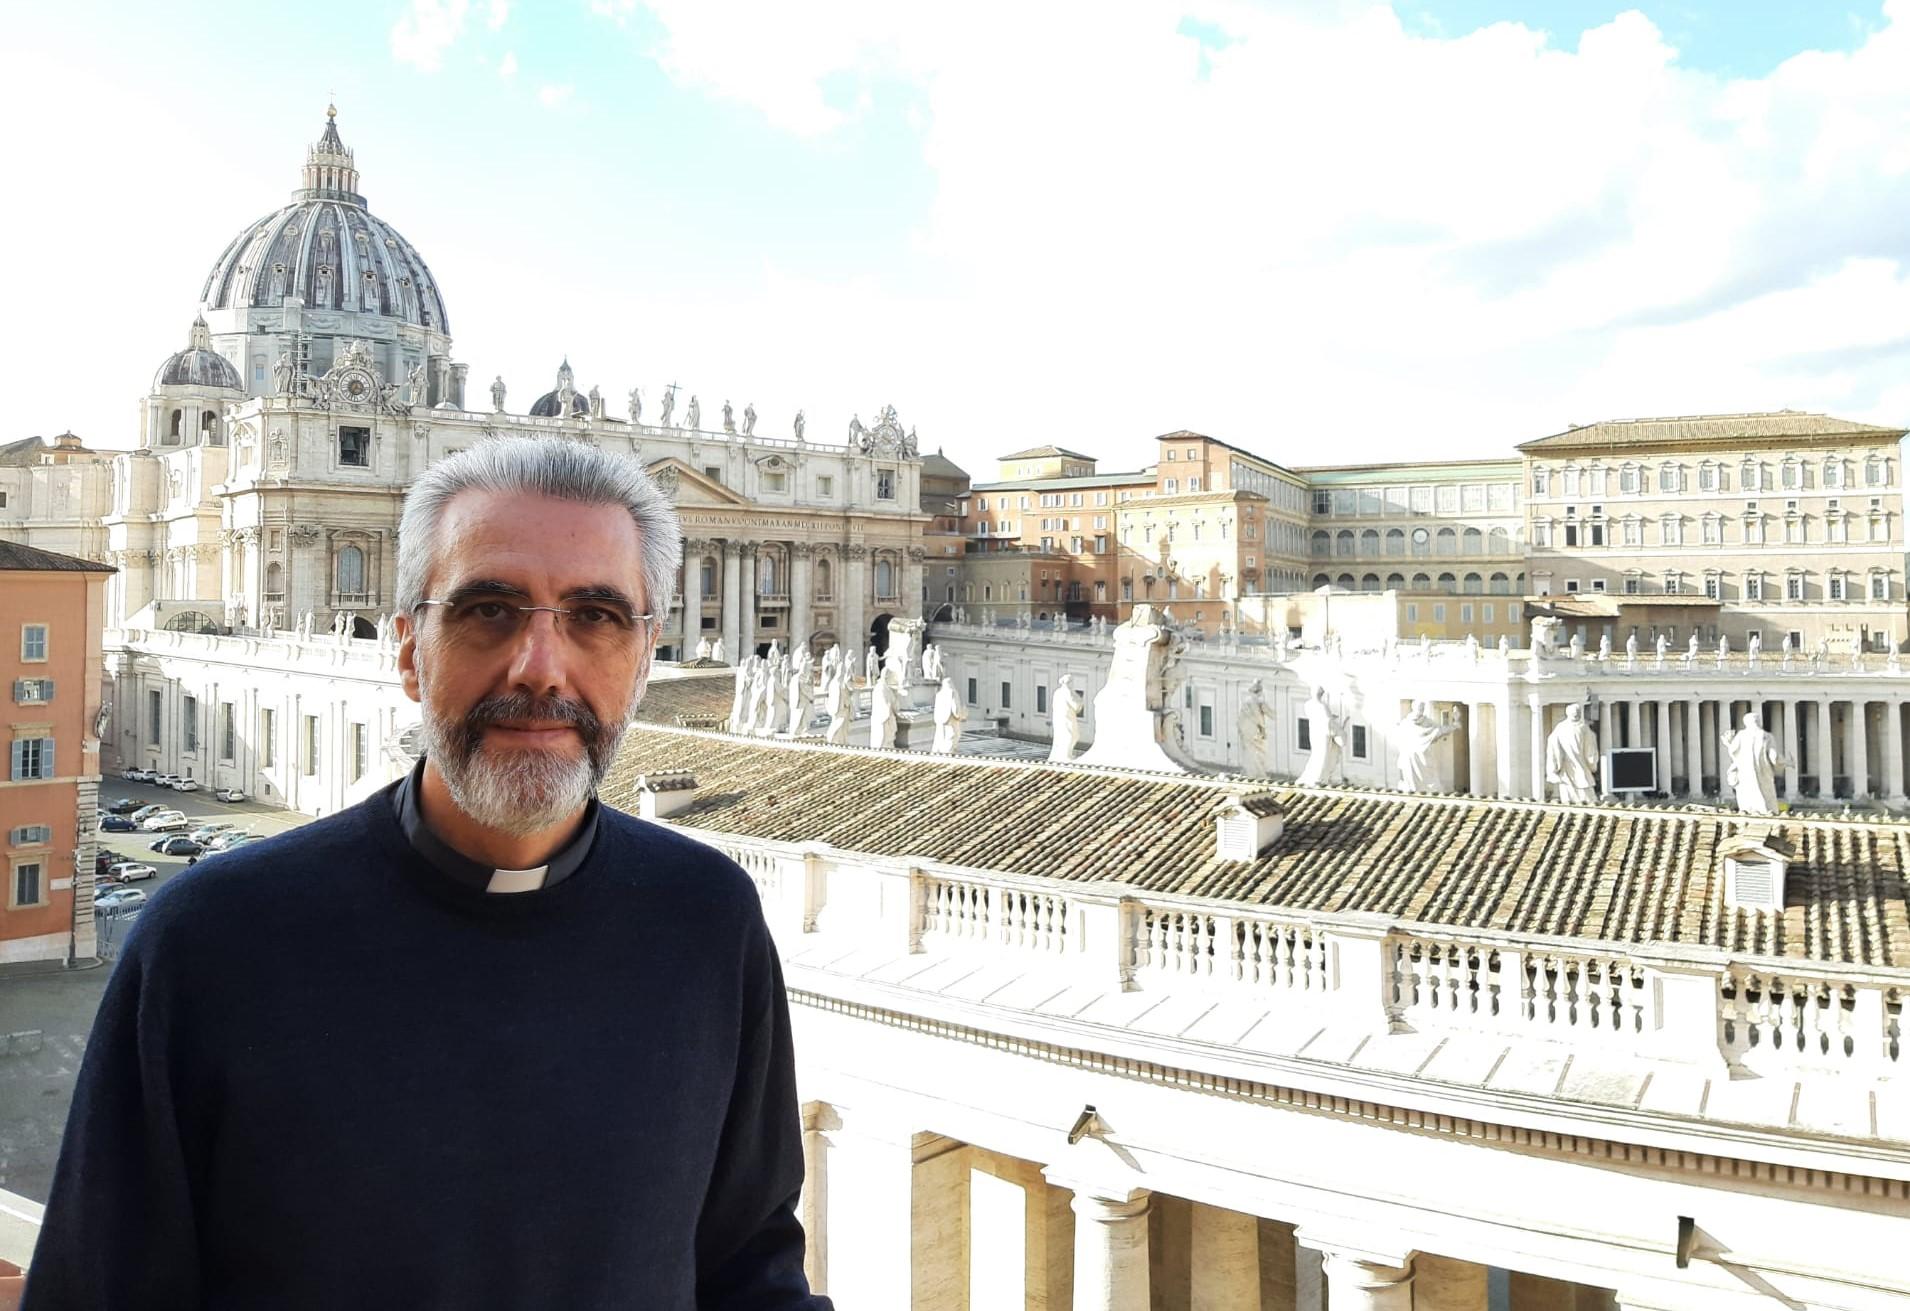 El P. Luis Marín O.S.A y Sor. Nathalie Becquart I.J. han sido nombrados por el Papa para trabajar con los obispos de la Iglesia.